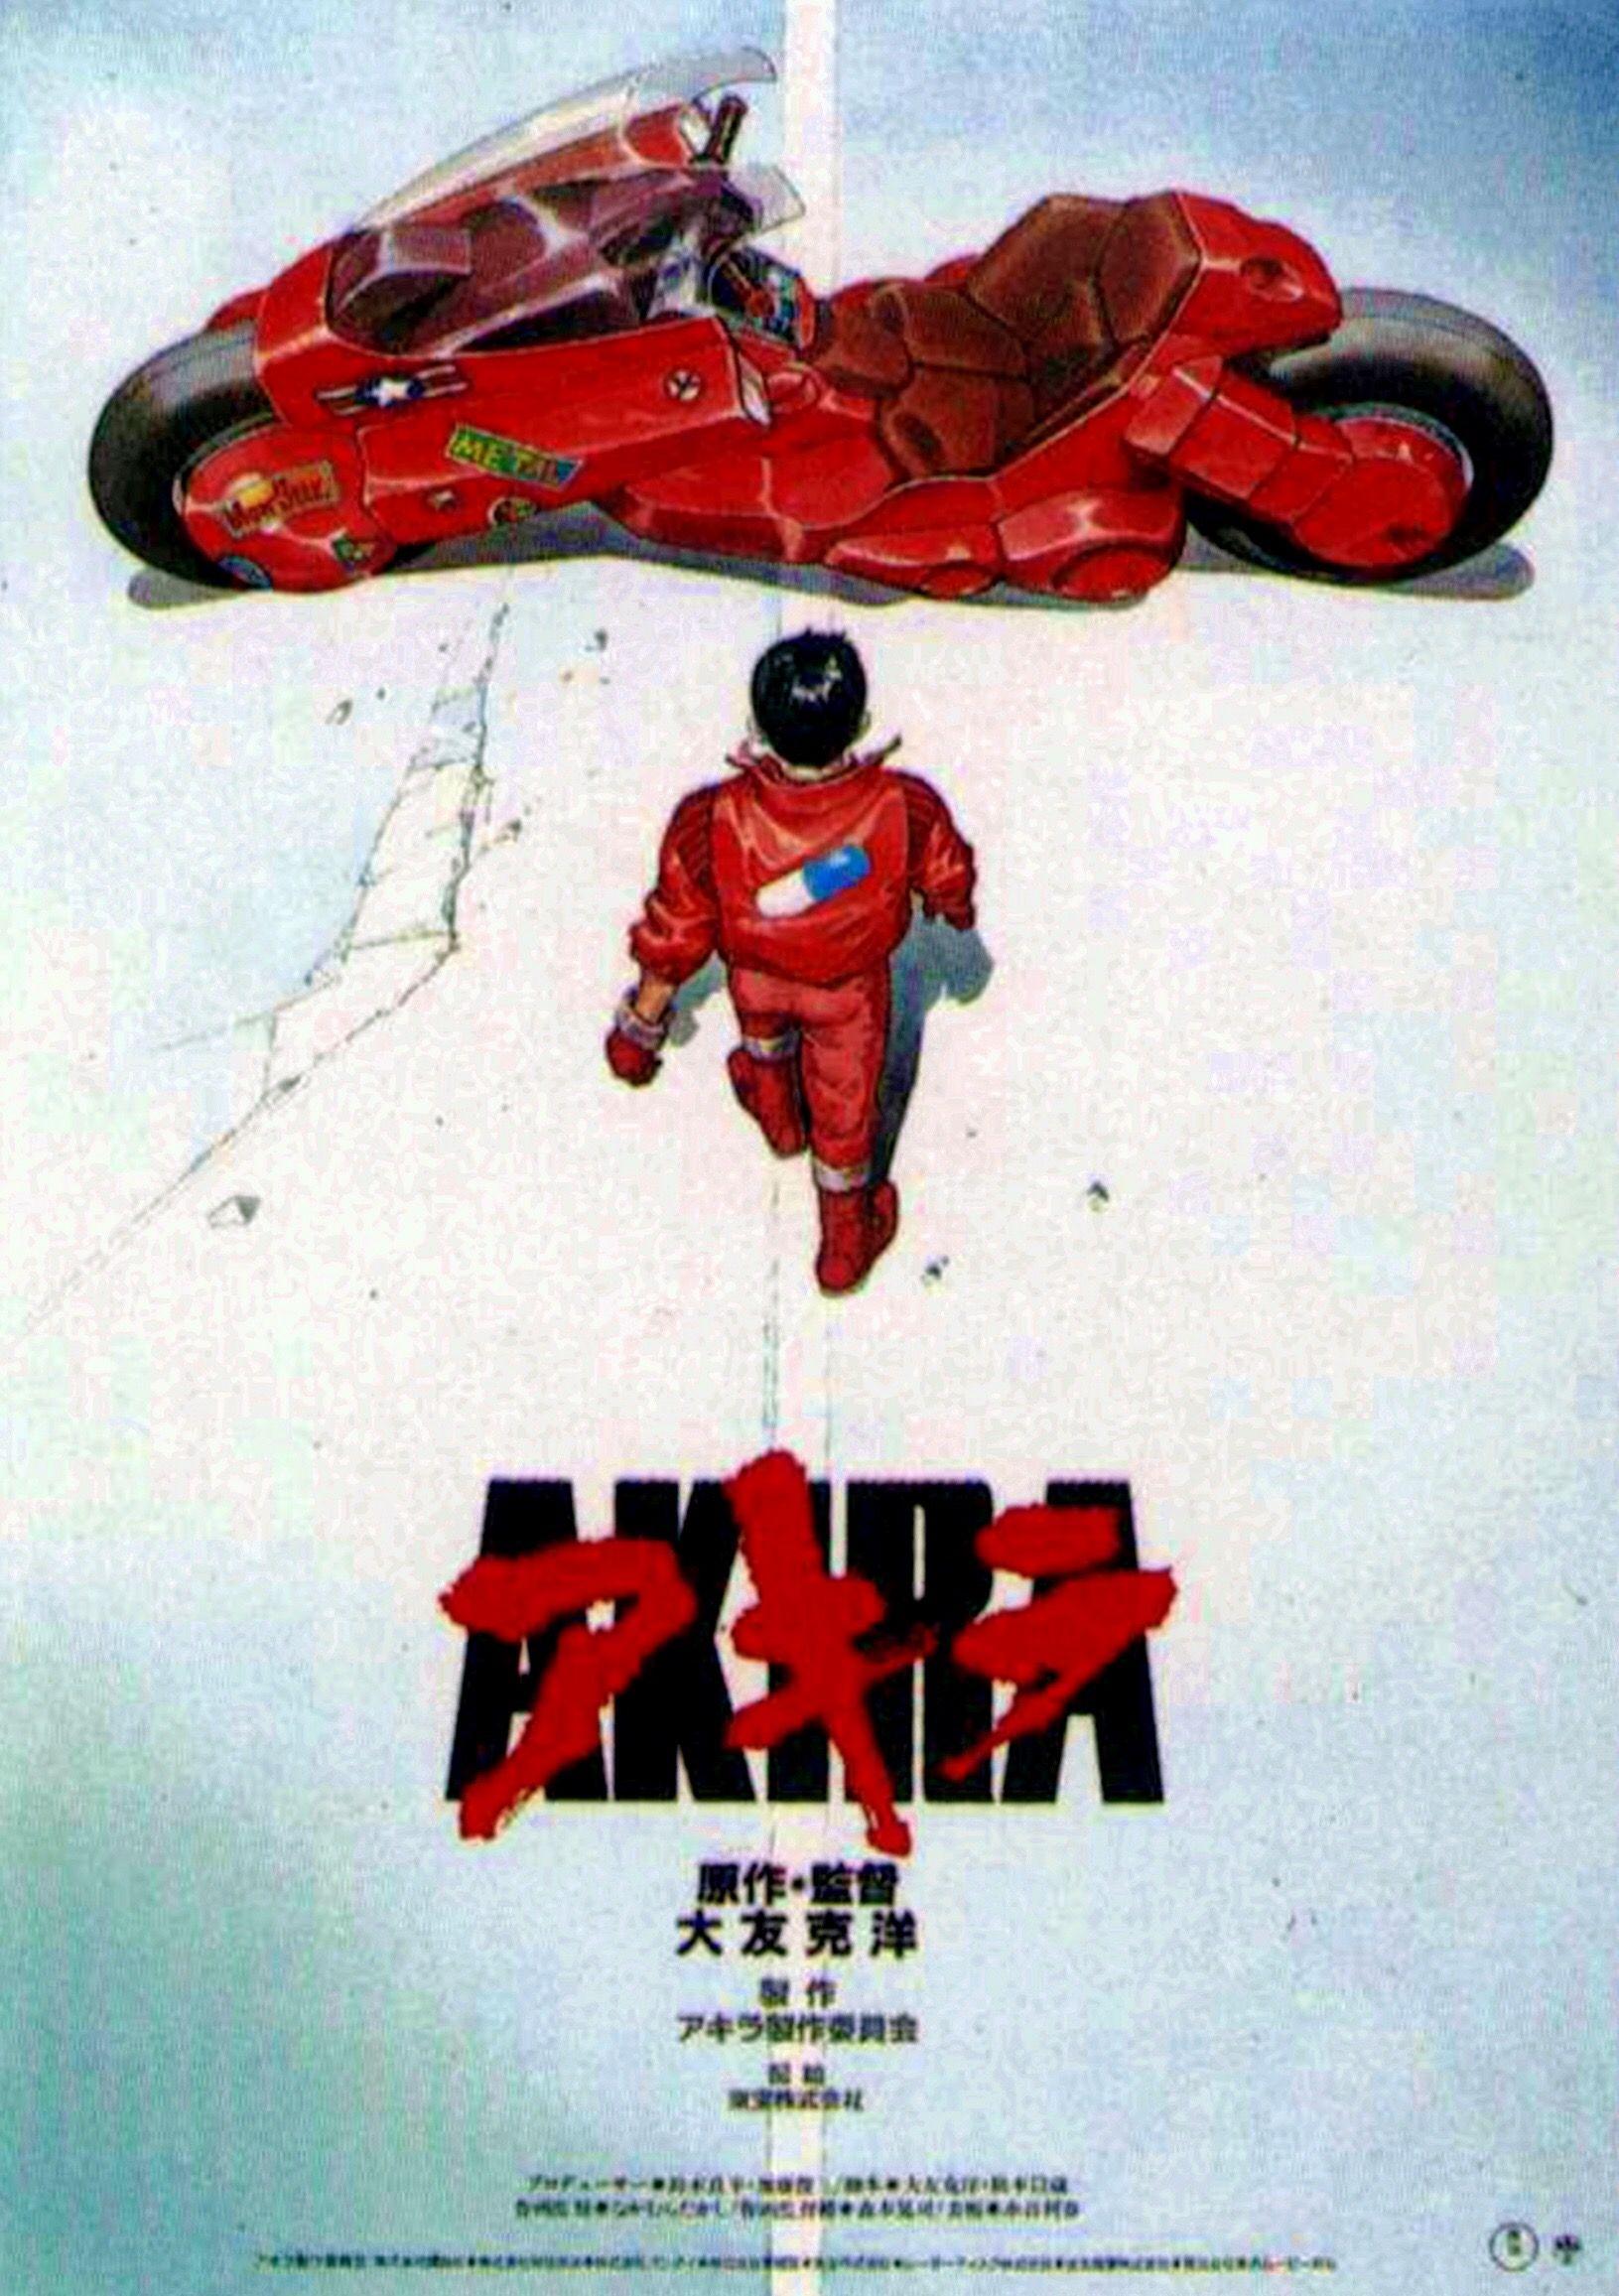 Pin by Kourtney Shin on akira Akira film, Movie poster